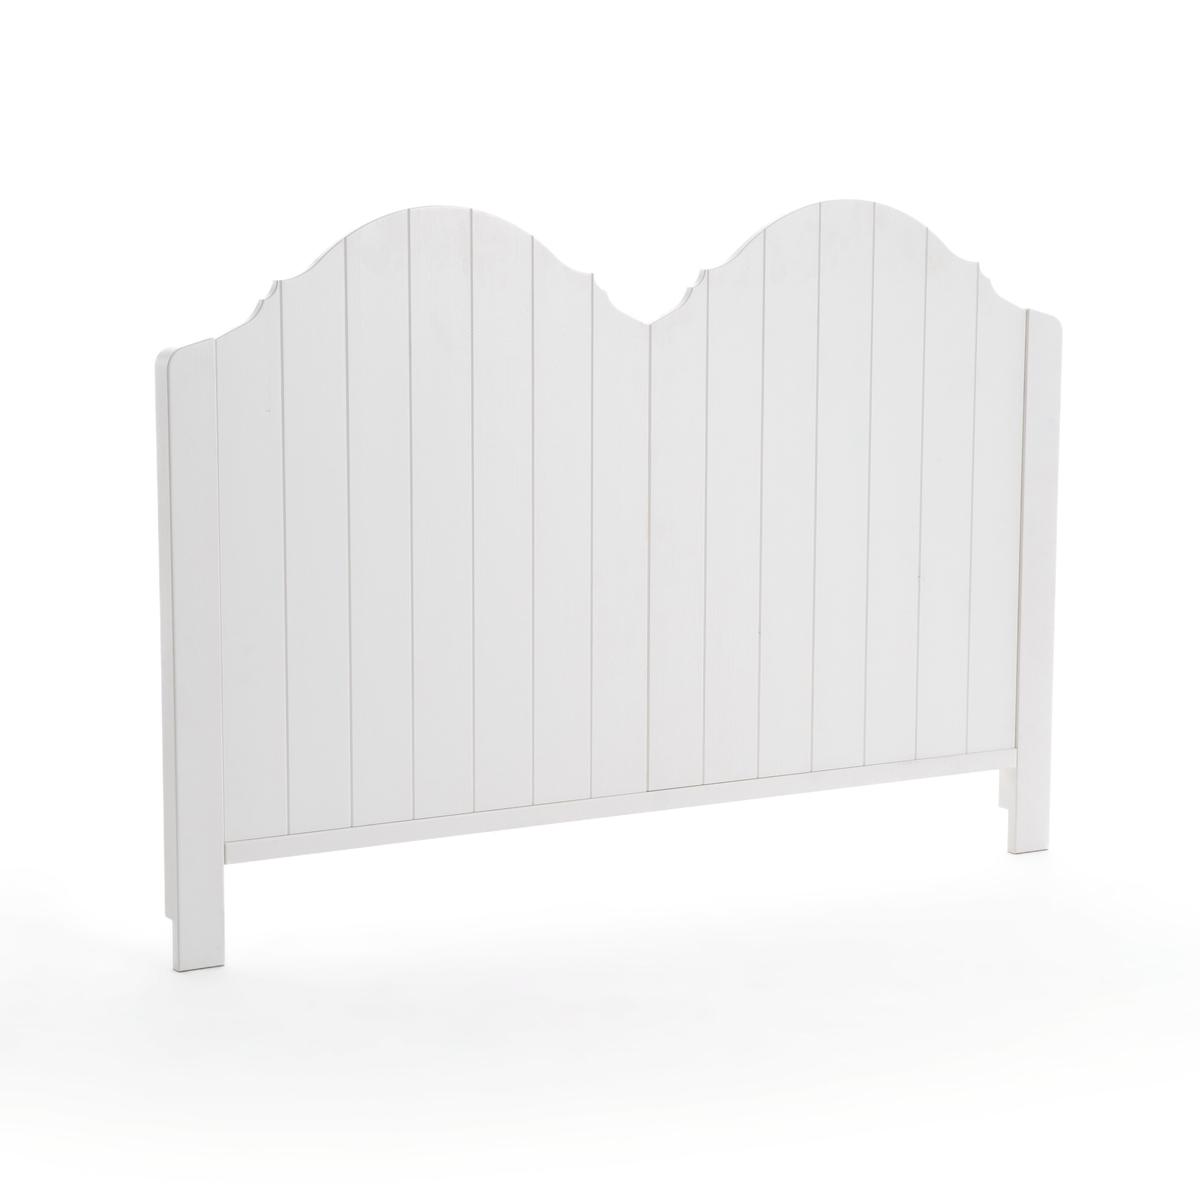 Изголовье LaRedoute Кровати 1-сп или 2-сп GRIMSBY 140 см белый кровати 140 см